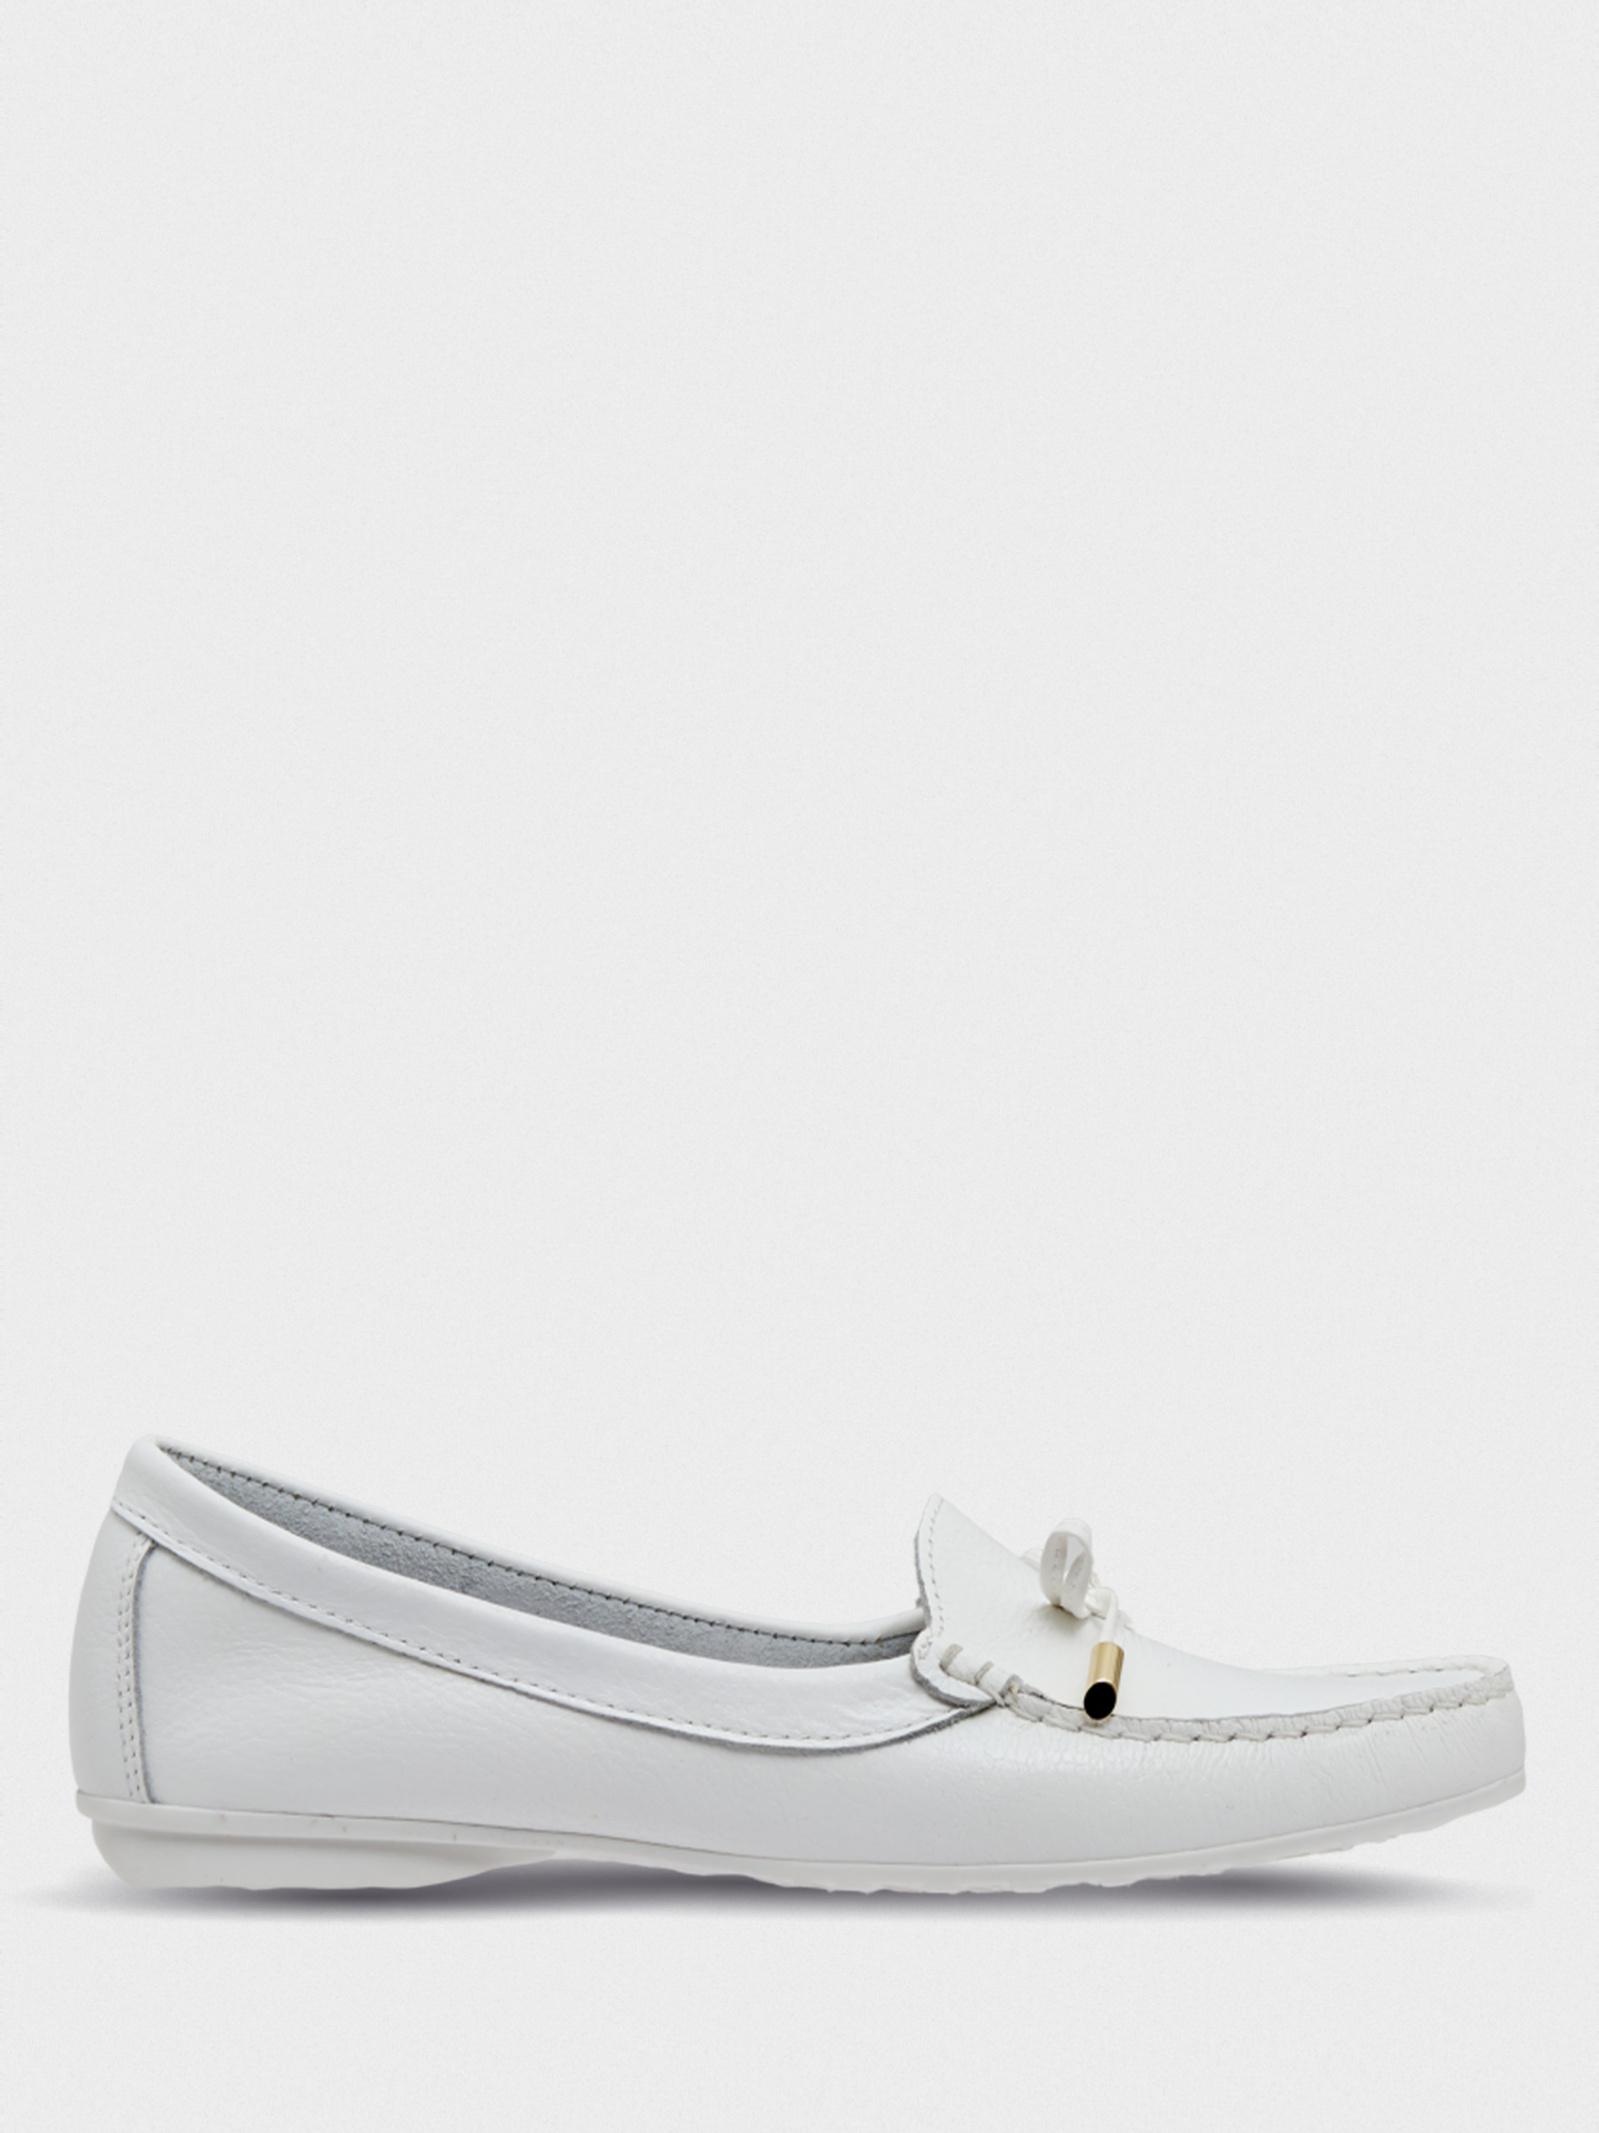 Мокасини жіночі Filipe Shoes 11188 - фото